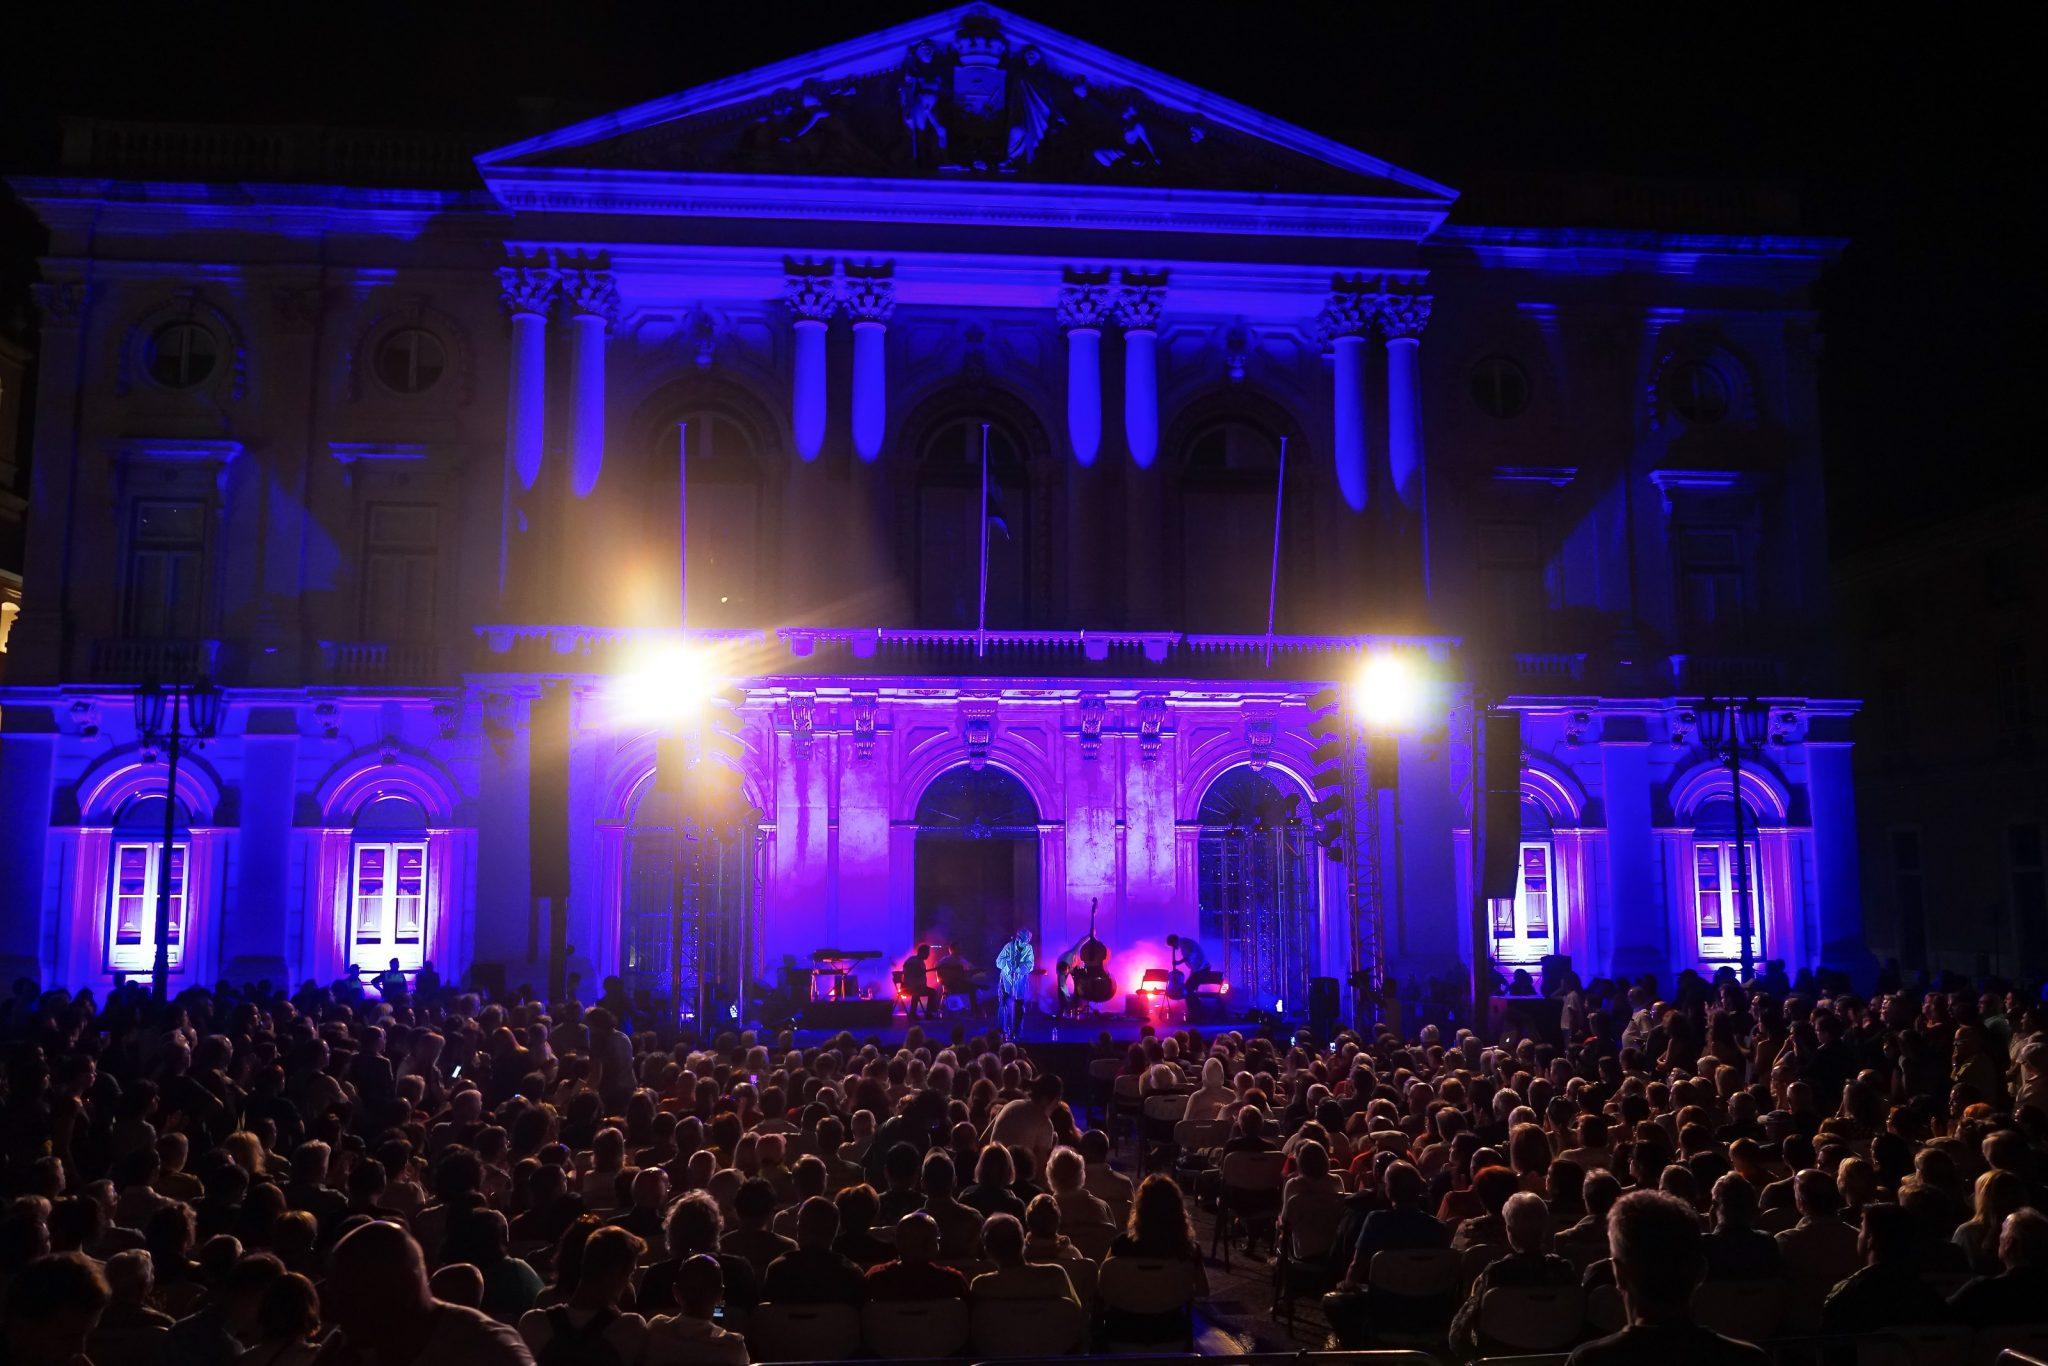 De costas para o observador, a silhueta de várias pessoas sentadas a assistir ao concerto de Paulo Bragança. Ao fundo o edifício dos Paços do Concelho com dois grandes focos e iluminado em tons de azul.